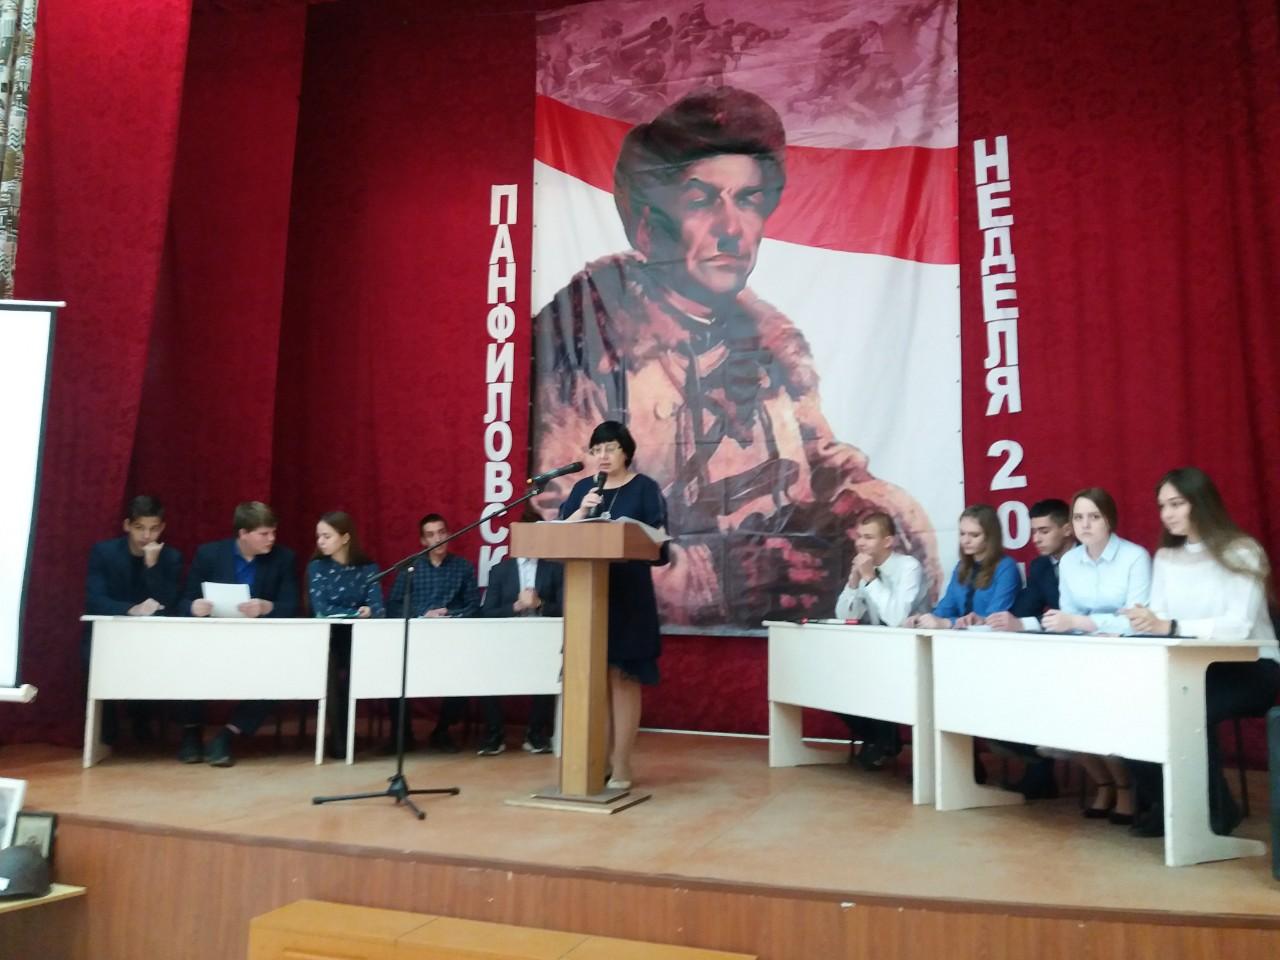 Петровчанка Светлана Тимощук стала финалисткой Всероссийского конкурса краеведов, работающих с молодёжью